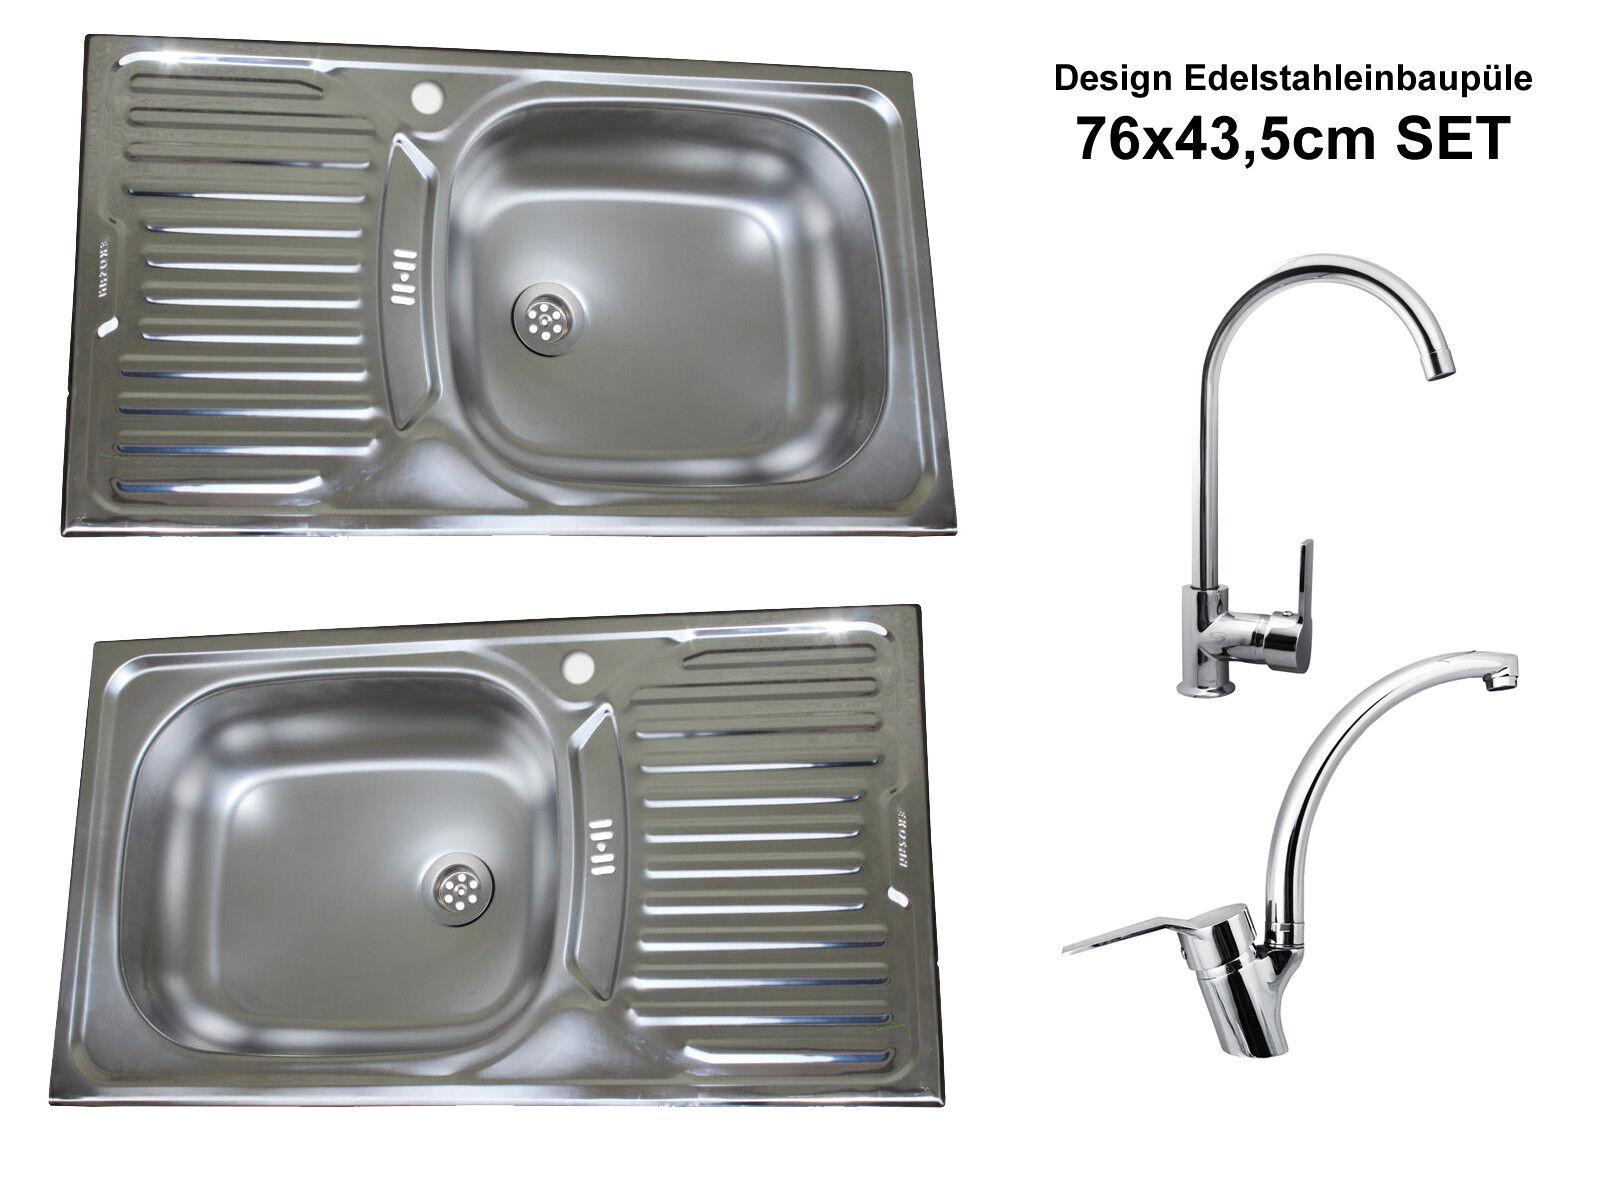 Design Edelstahl Einbauspüle Küchenspüle Küchen Spüle Armatur Set 76cm x 43,5cm